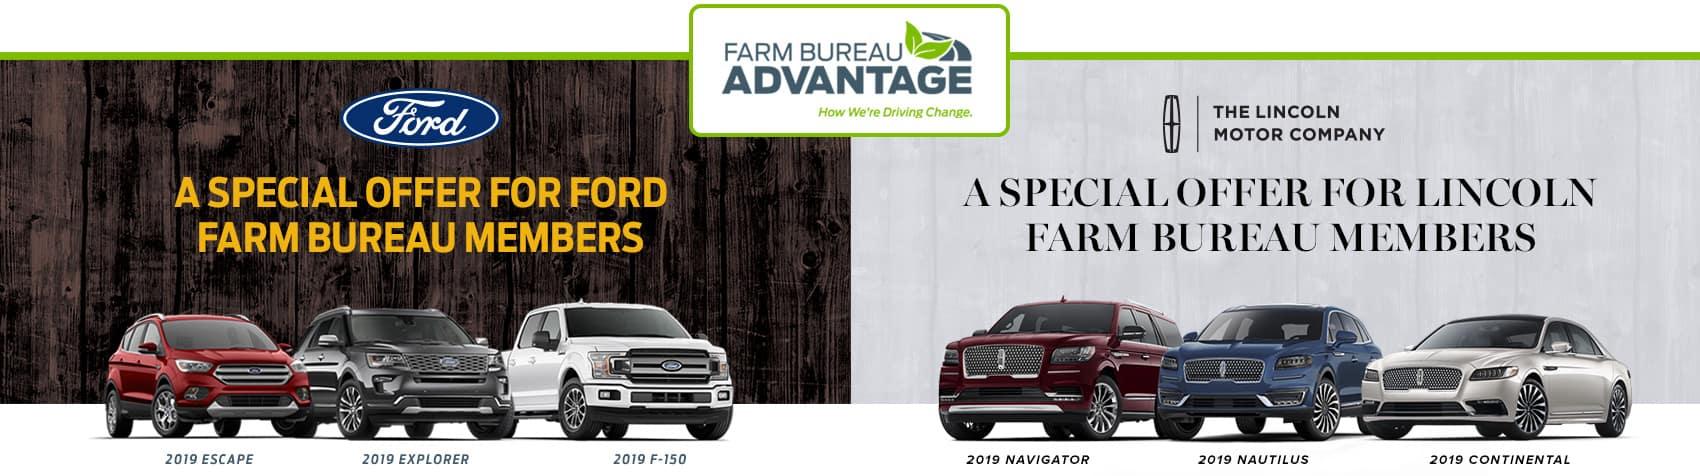 Farm Bureau Members Advantage in Louisville, KY